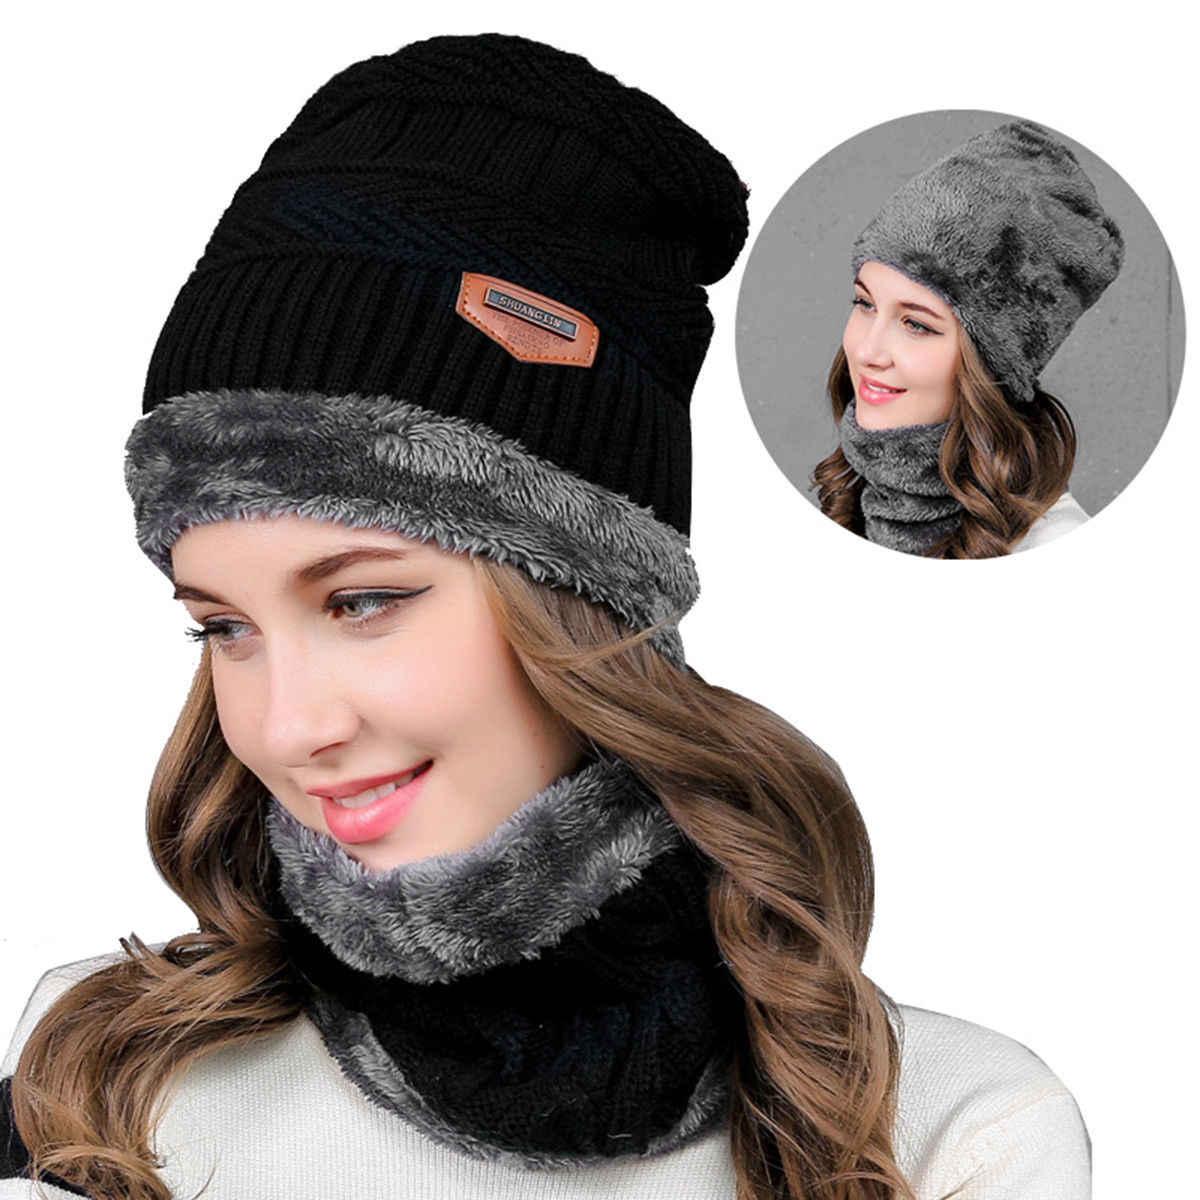 94a610f5717b3 ... Women Men Winter Warm Baggy Beanie Crochet Knit Wool Skull Hat Ski Cap  Scarf Set Black ...